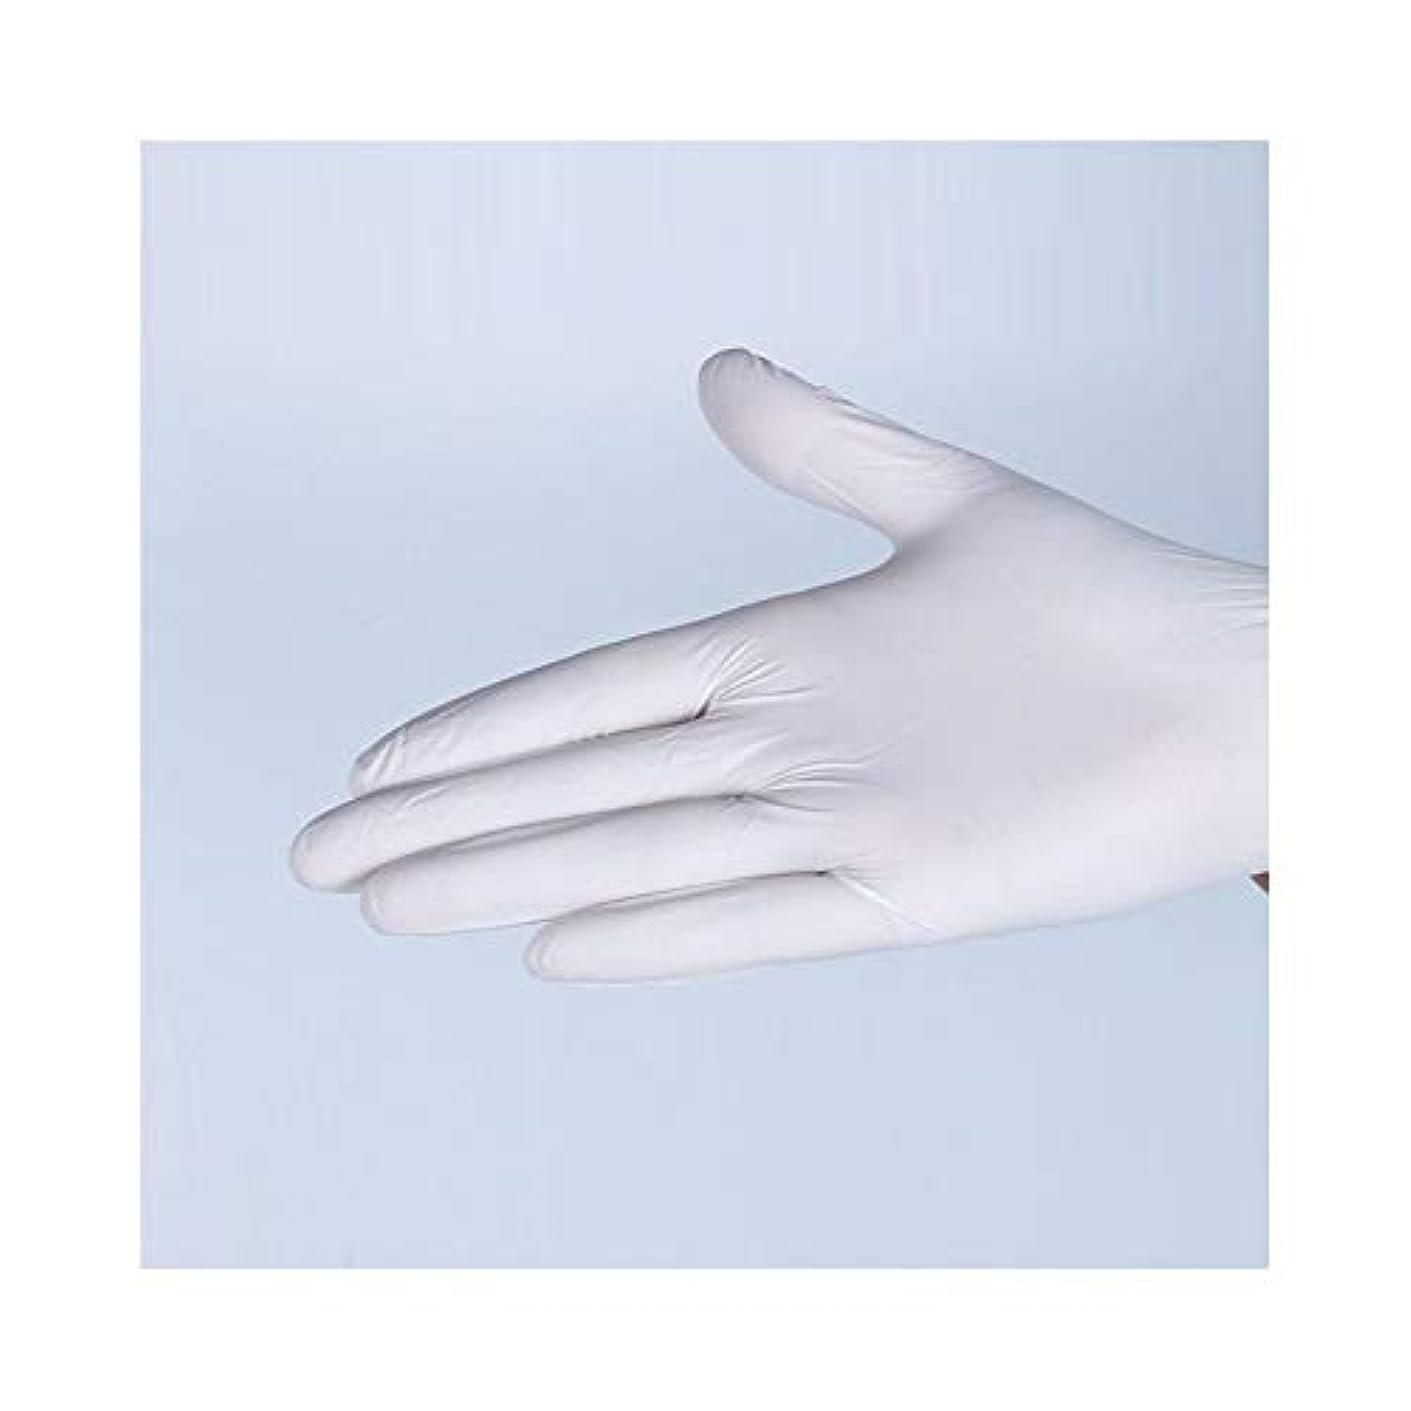 使い捨てのパウダーフリー化学実験ニトリル手袋工業労働保護手袋 YANW (Color : White, Size : S)